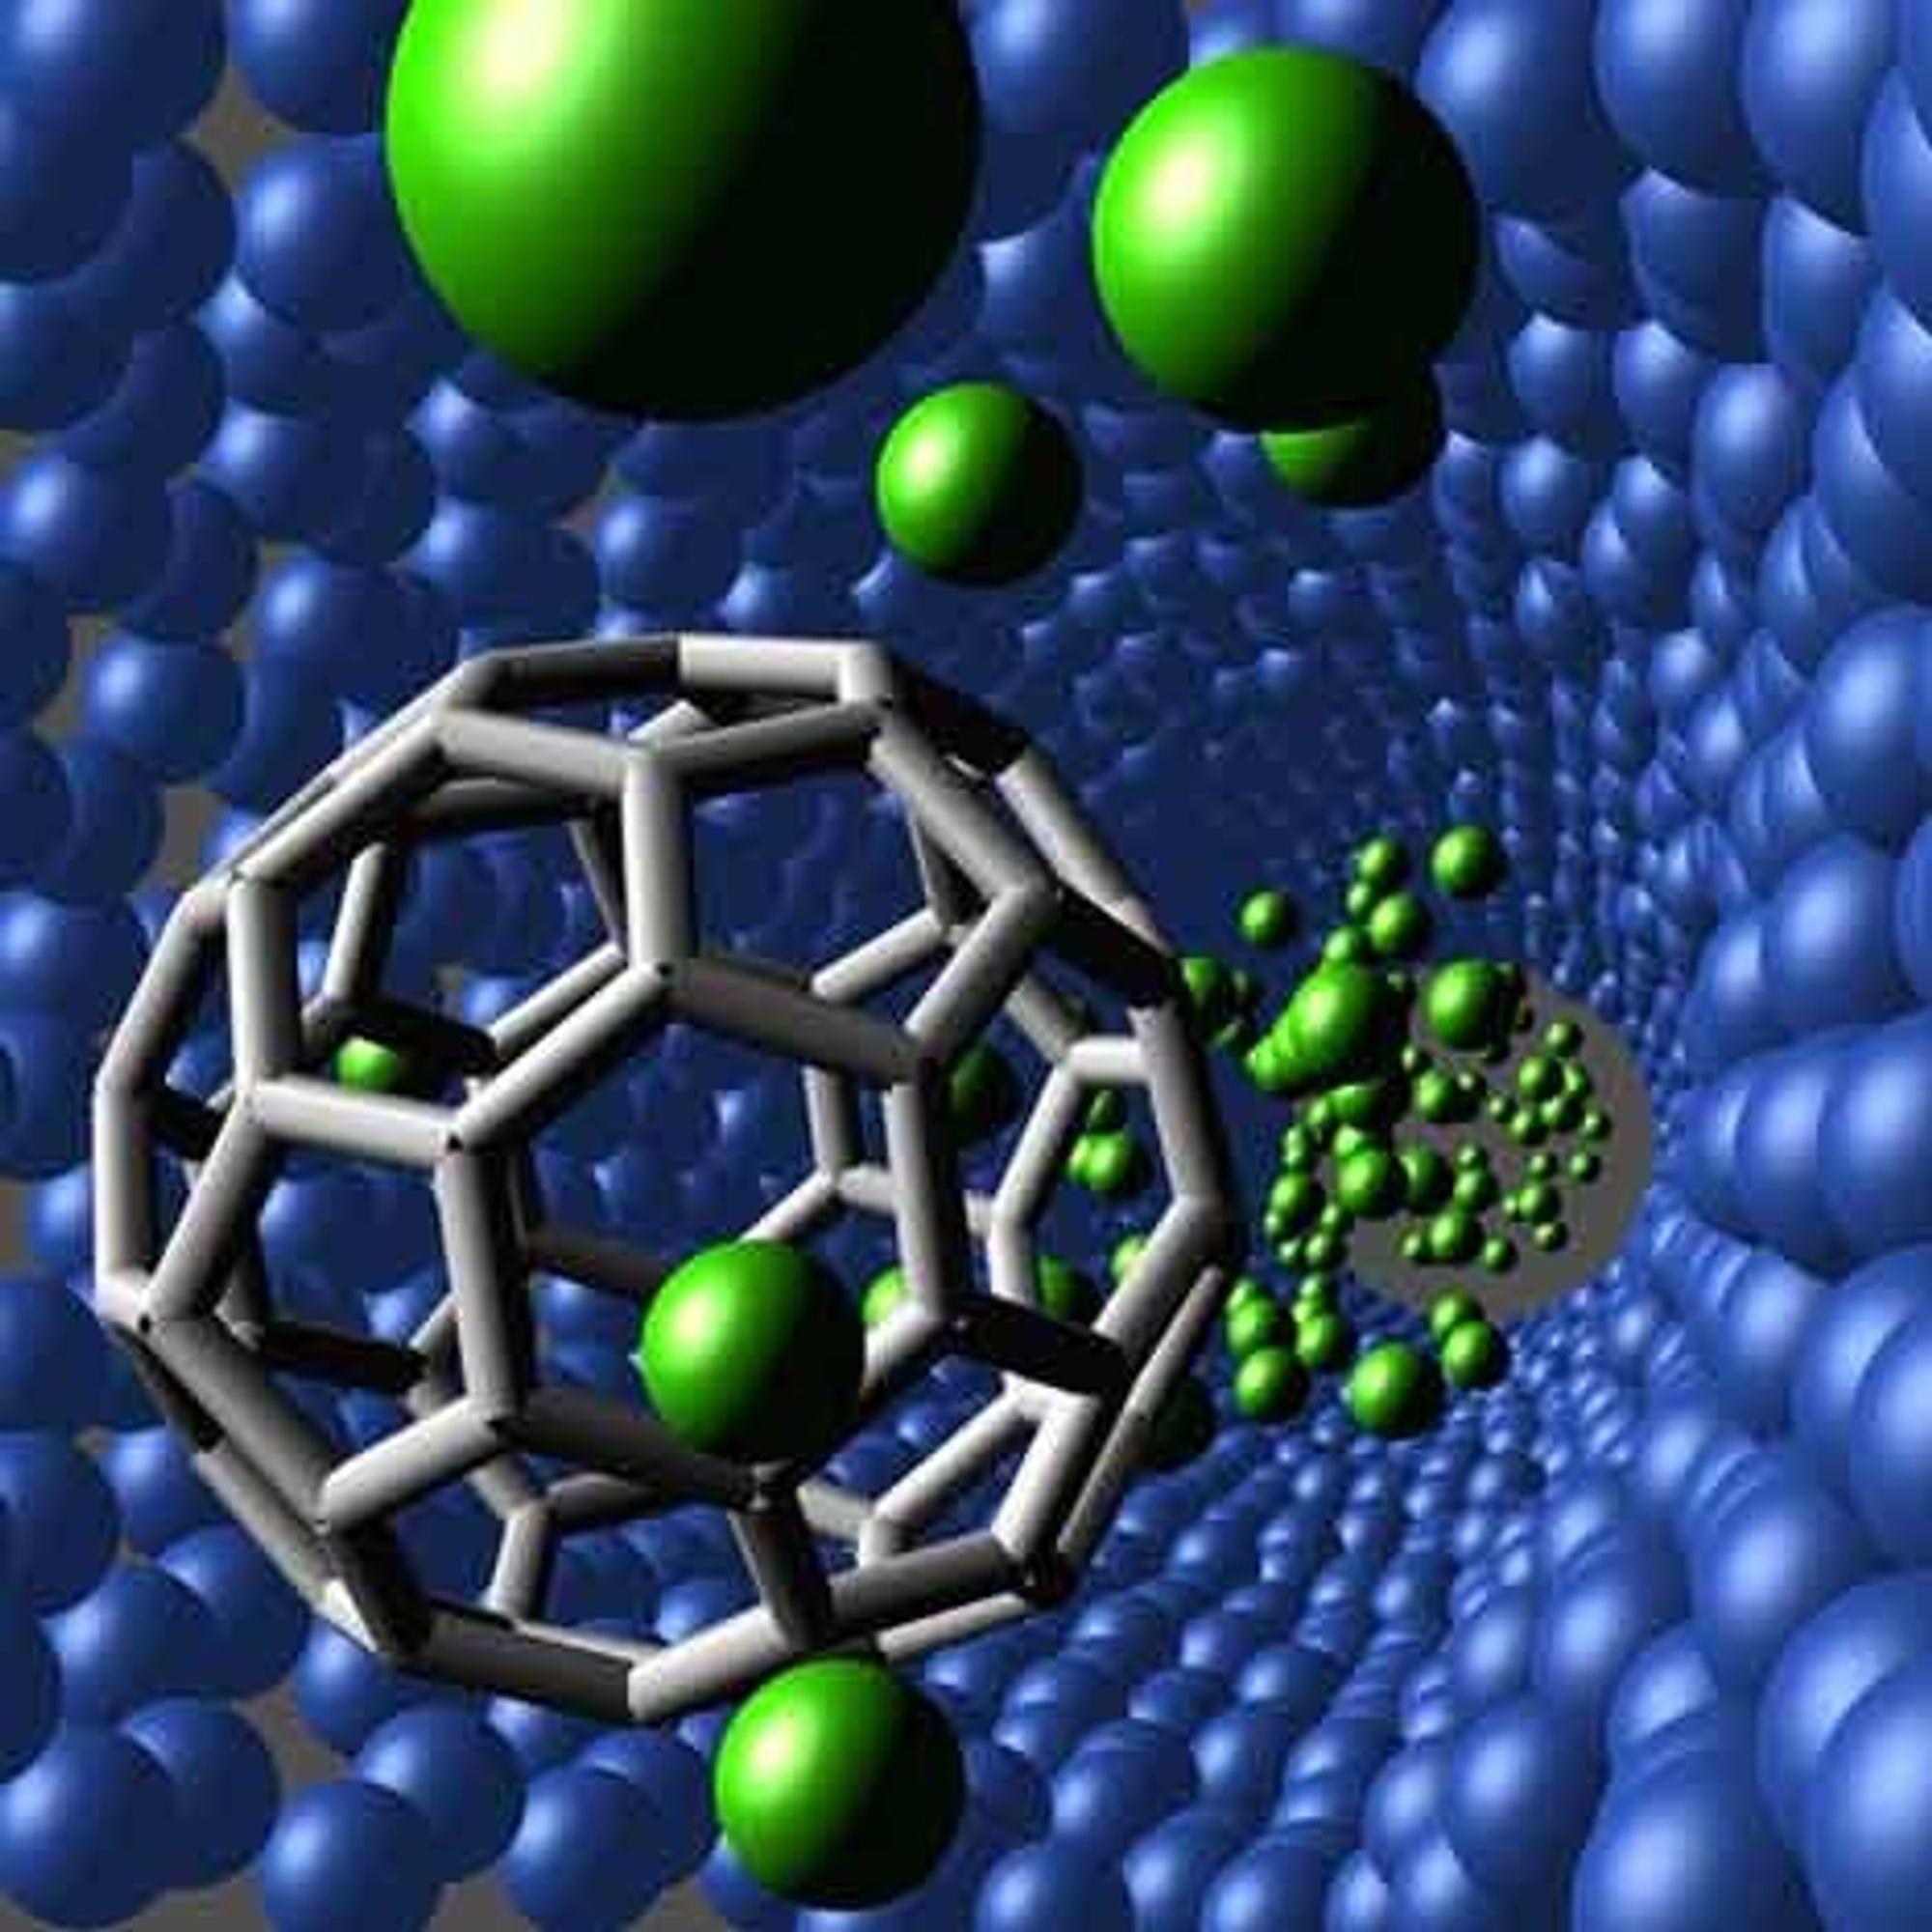 Nano-teknologien gjør det mulig å skreddersy katalysator. Ill. viser nanoteknologi og ikke den aktuelle katalysatoren. Ill: WWW.ORNL.GOV